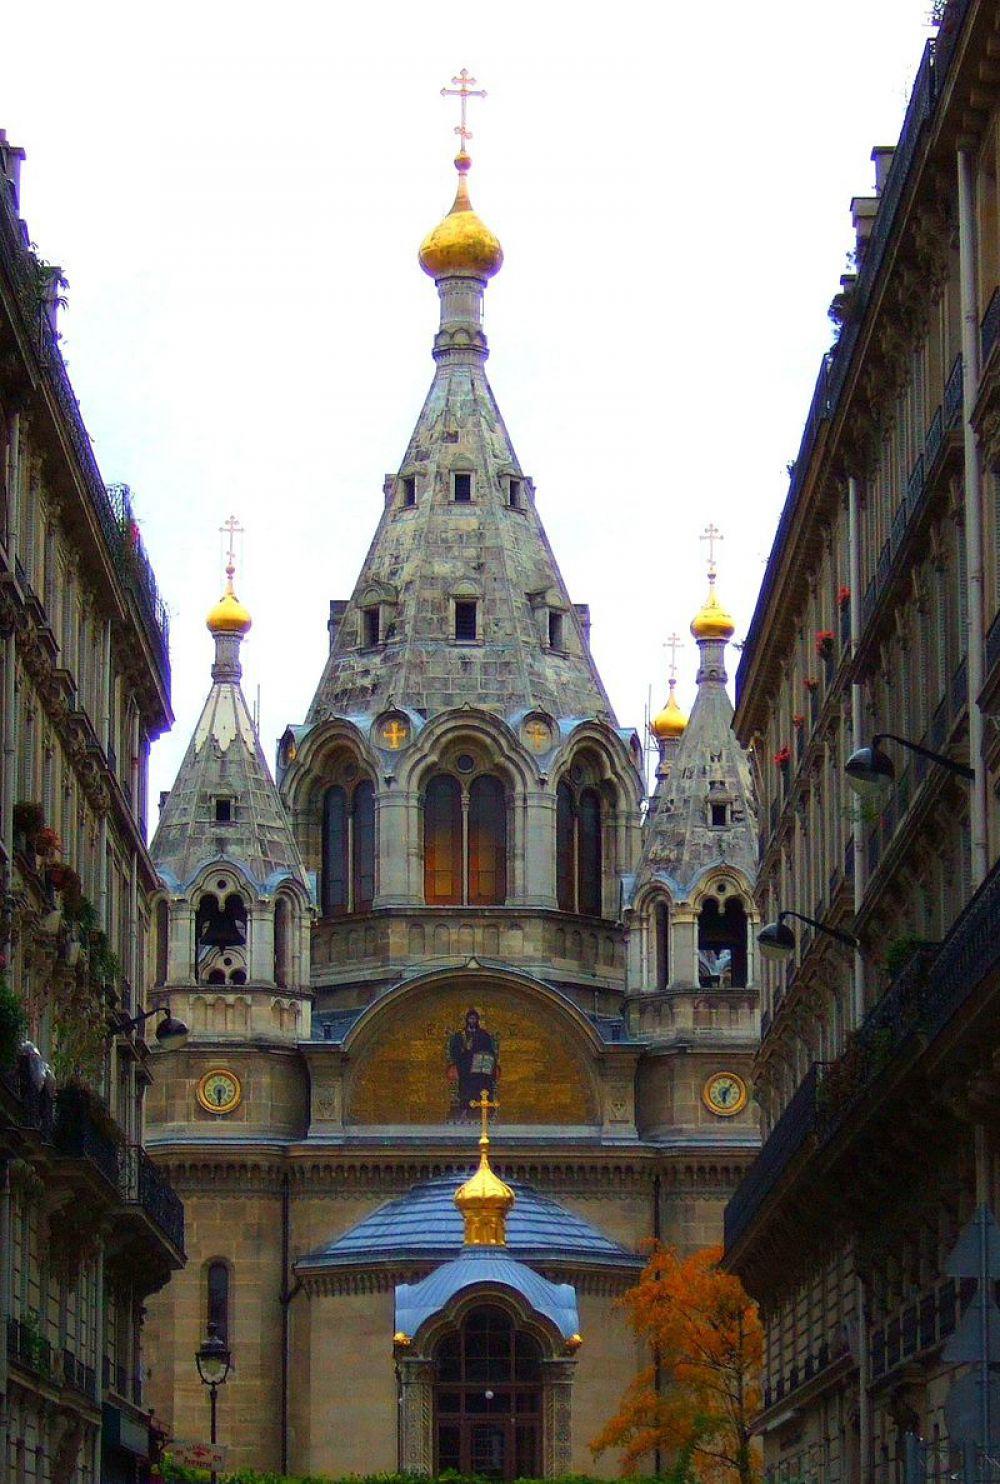 Собор Александра Невского в Париже был возведён в середине XVIII века по проекту архитекторов Романа Кузьмина и Ивана Штрома. Его возведение у французов вызвало такой оживлённый интерес, что к пожертвованиям на строительство присоединились даже иностранцы-католики и протестанты.